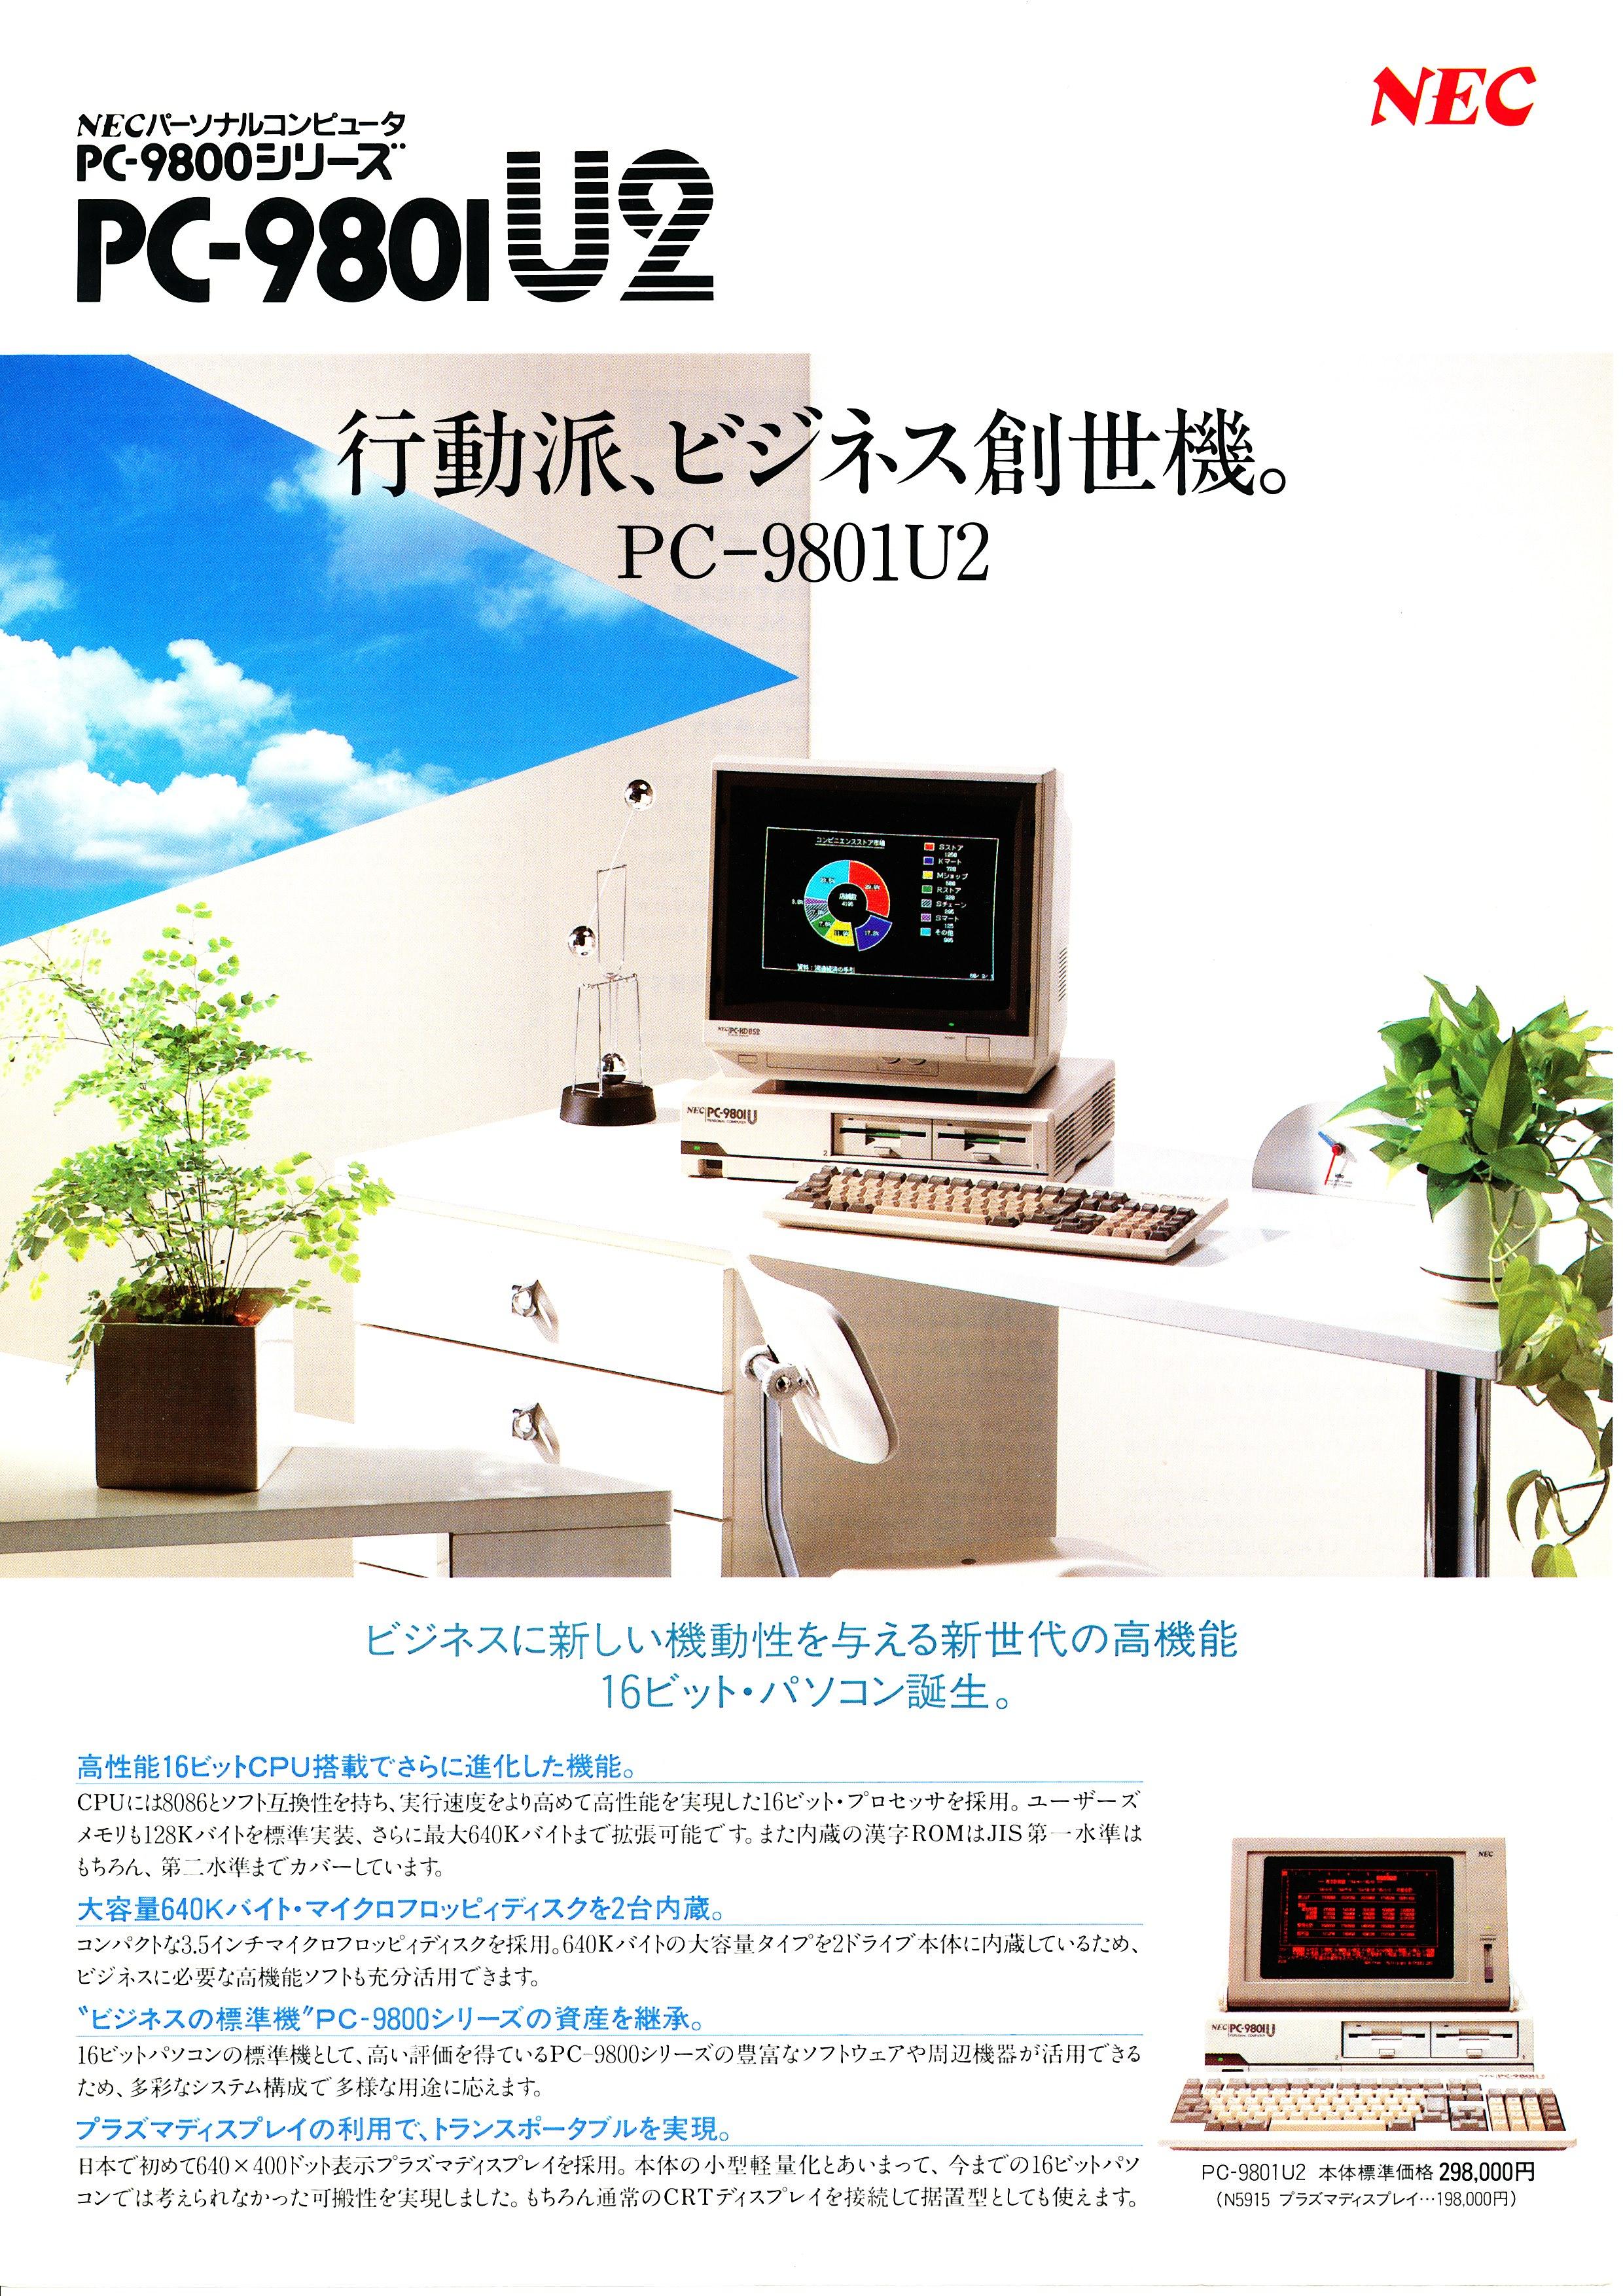 PC-9801U2 P1